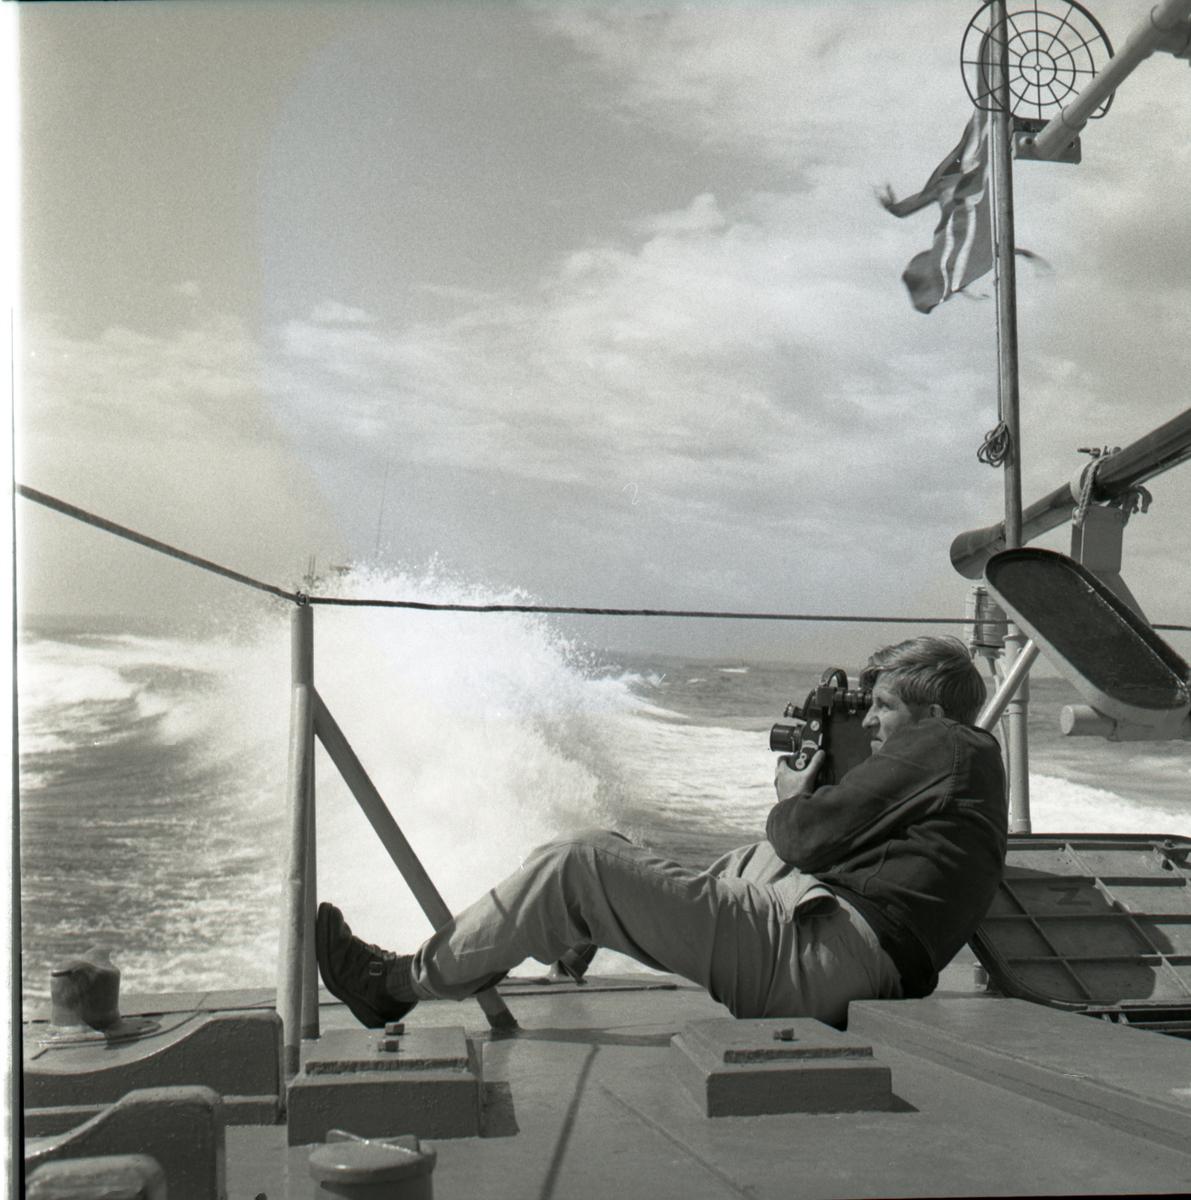 Samlefoto: Elco-klasse MTB-er gjennom Bandak-kanalen i juli 1953. Full fart, kameramann filmer.